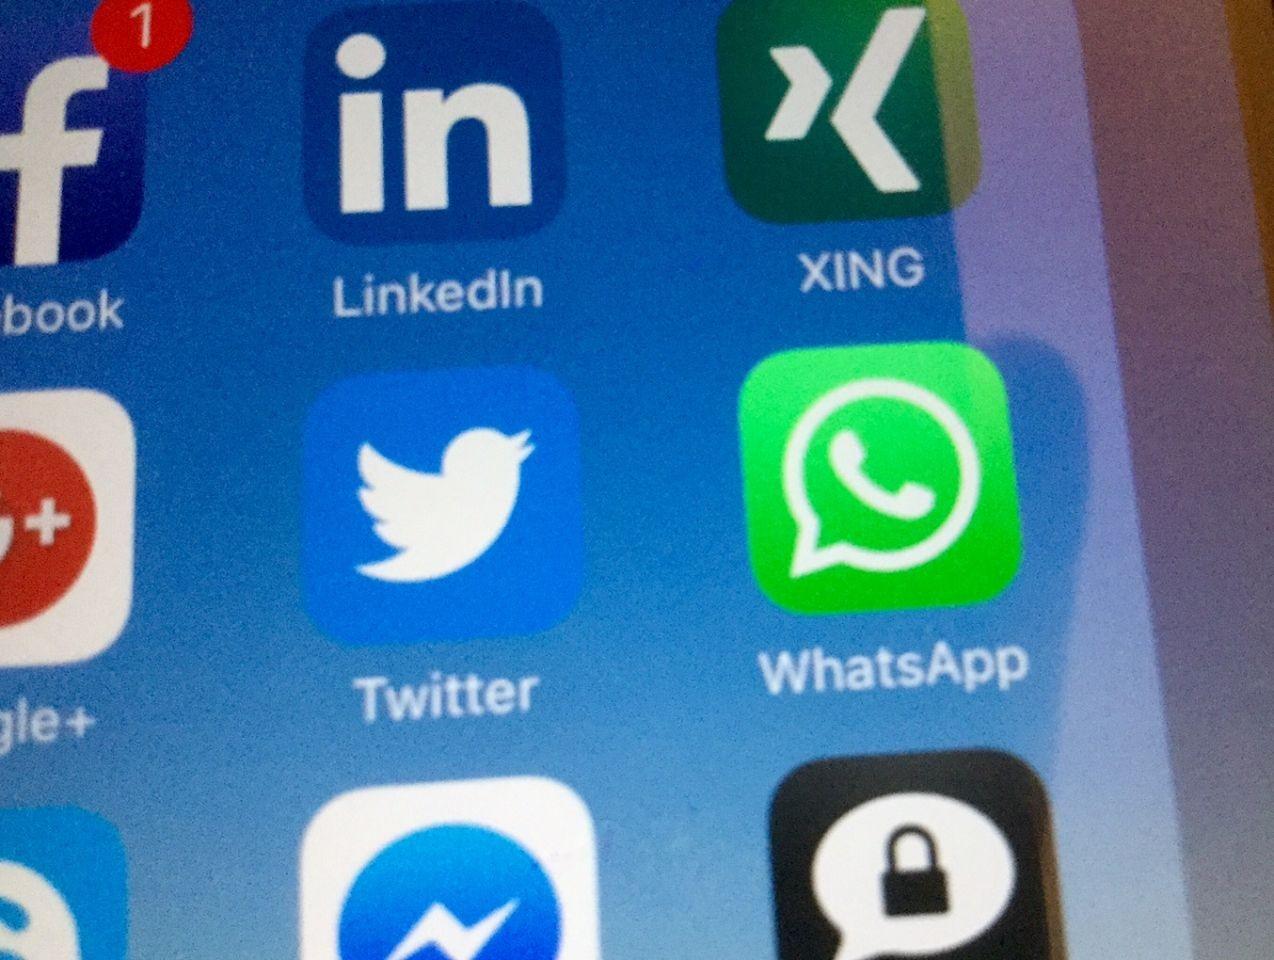 Verschlüsseltes WhatsApp im Unternehmenseinsatz?